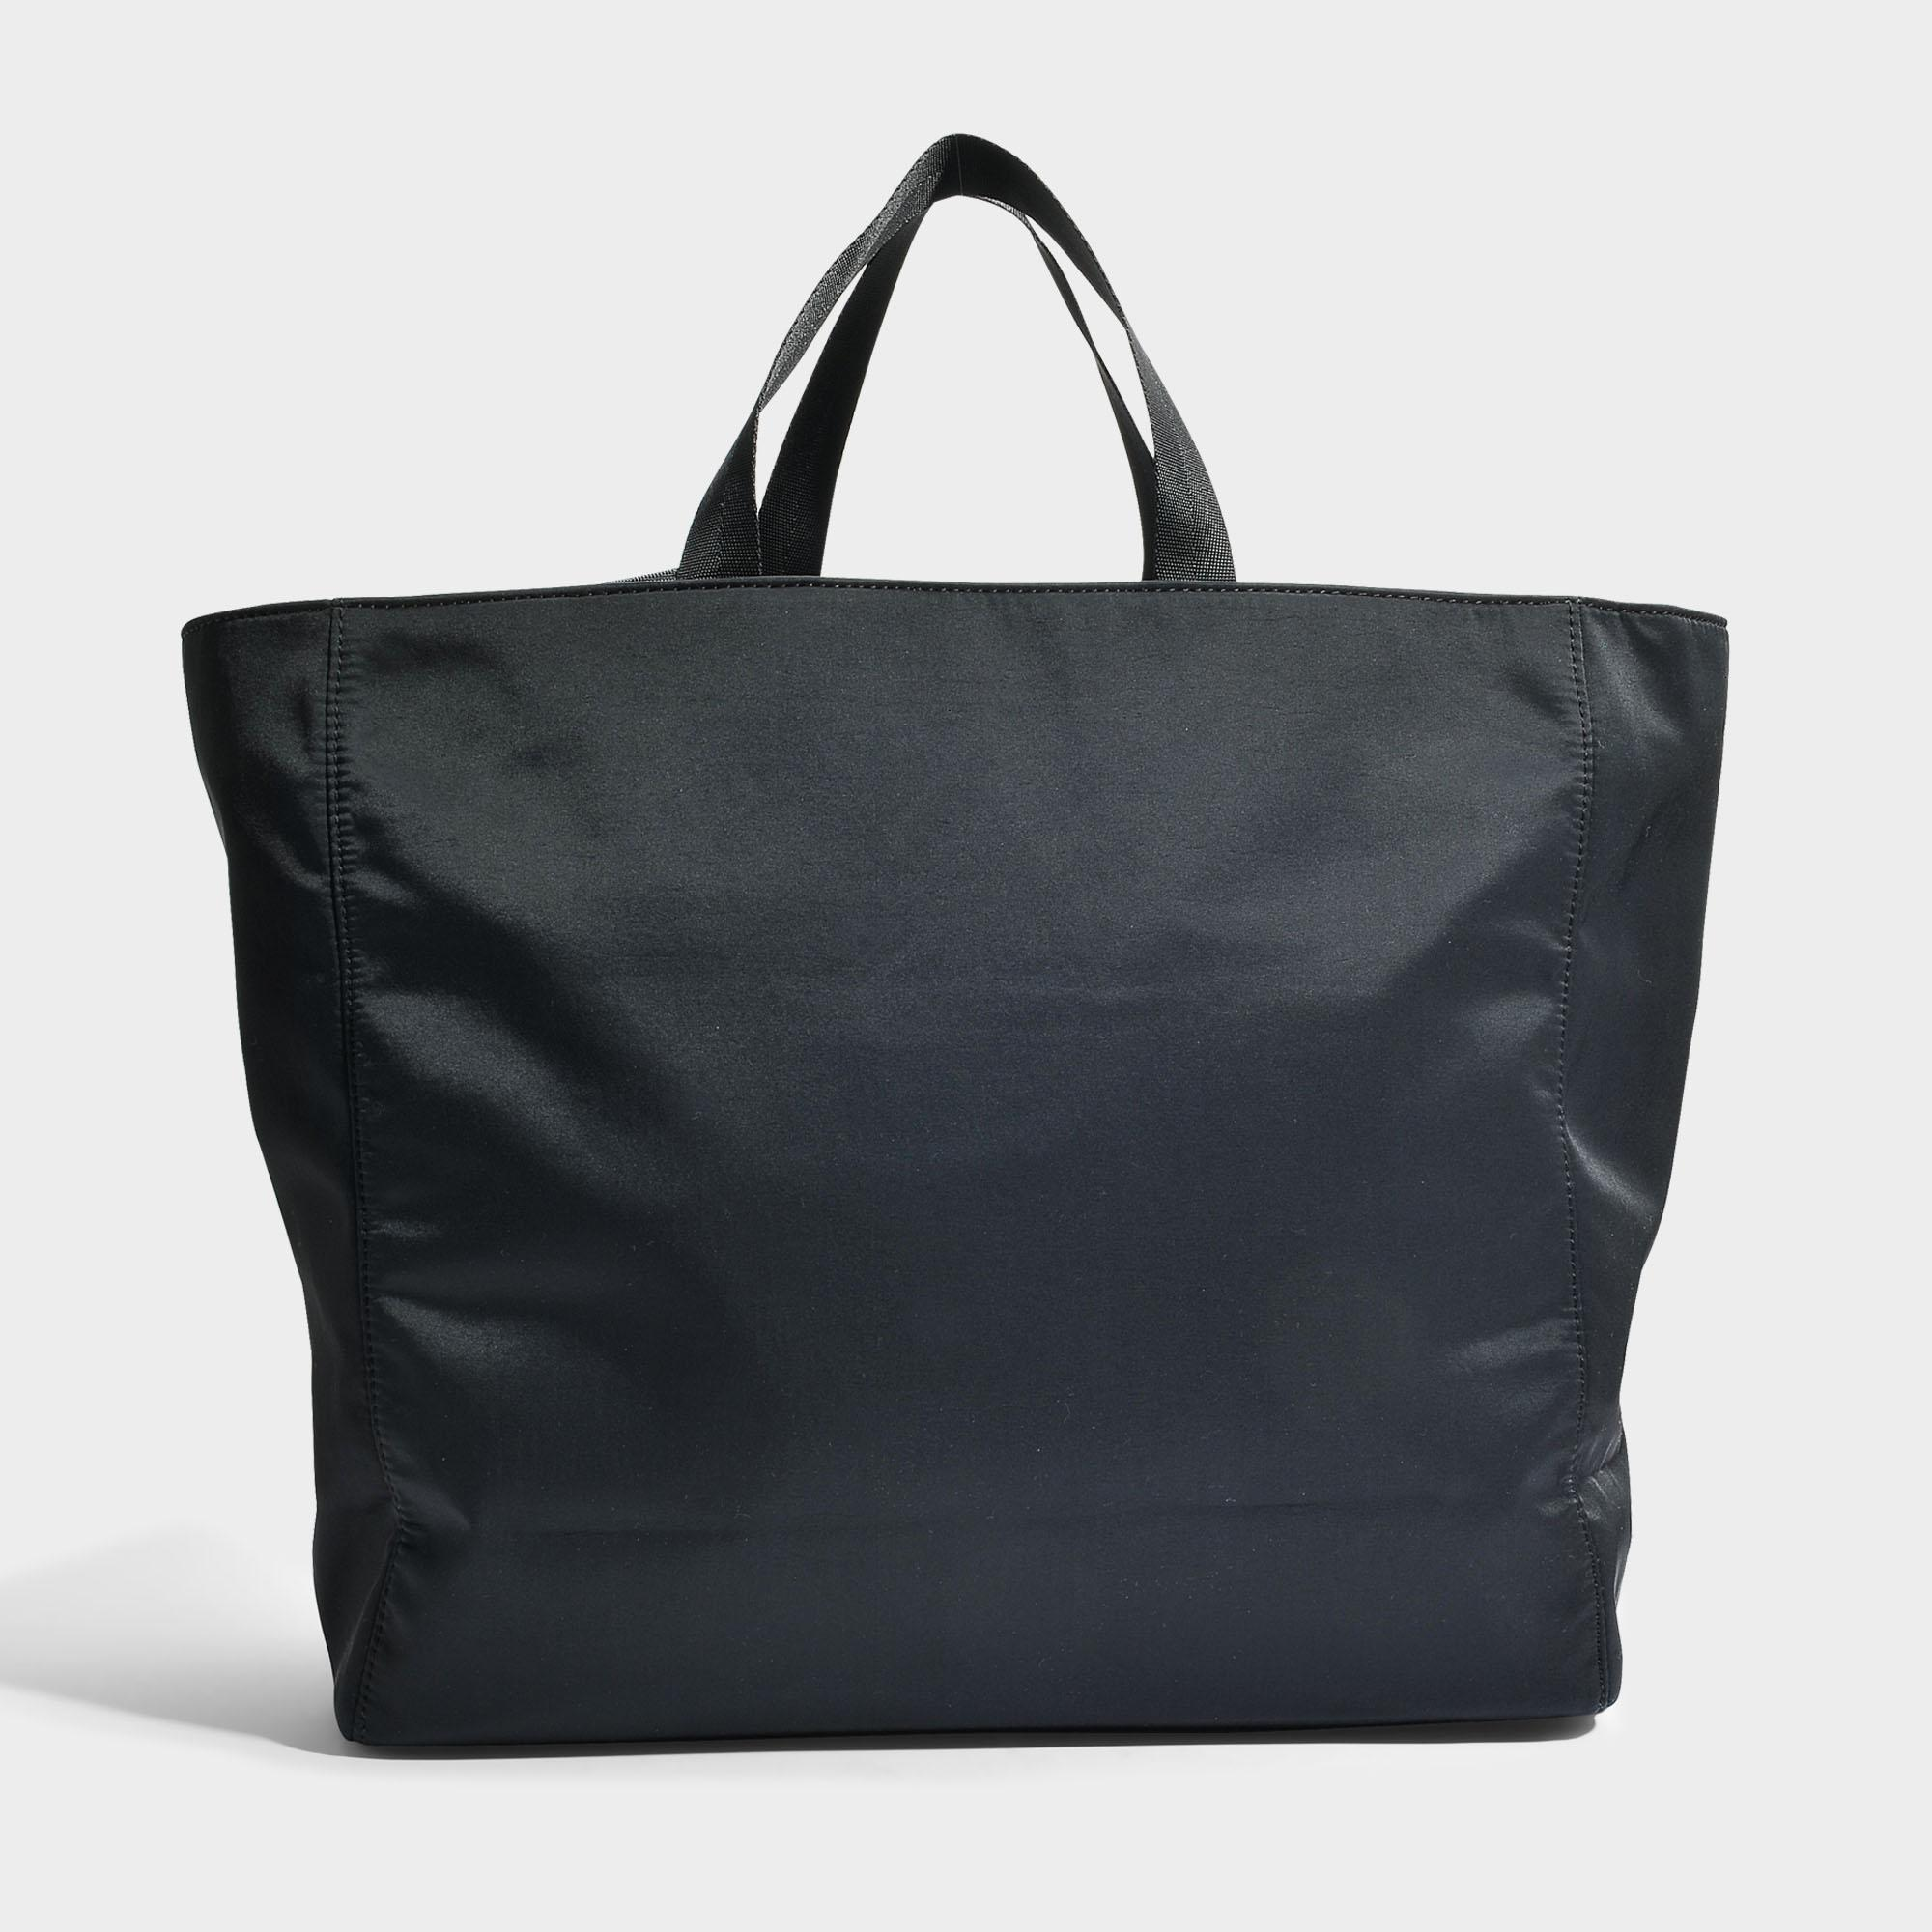 763fde72 KENZO Sport Tote Bag In Black Nylon